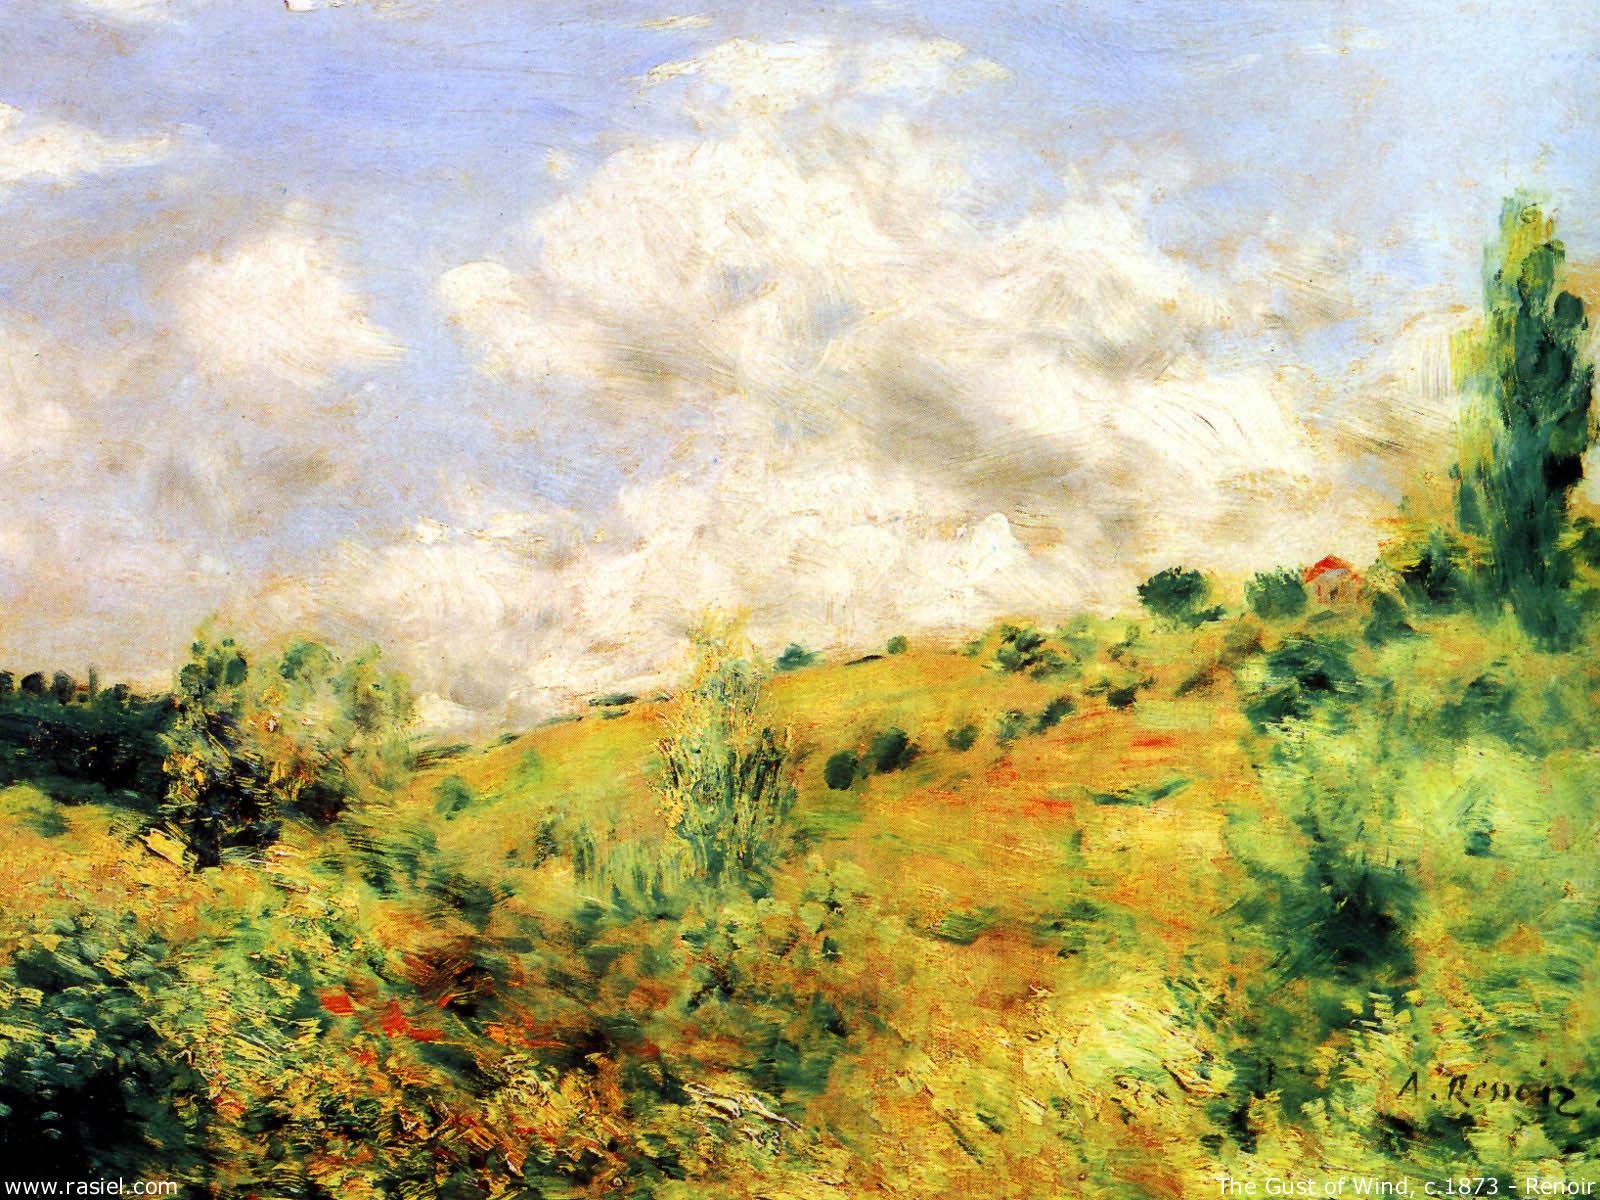 Renoir Wallpaper - Wal...